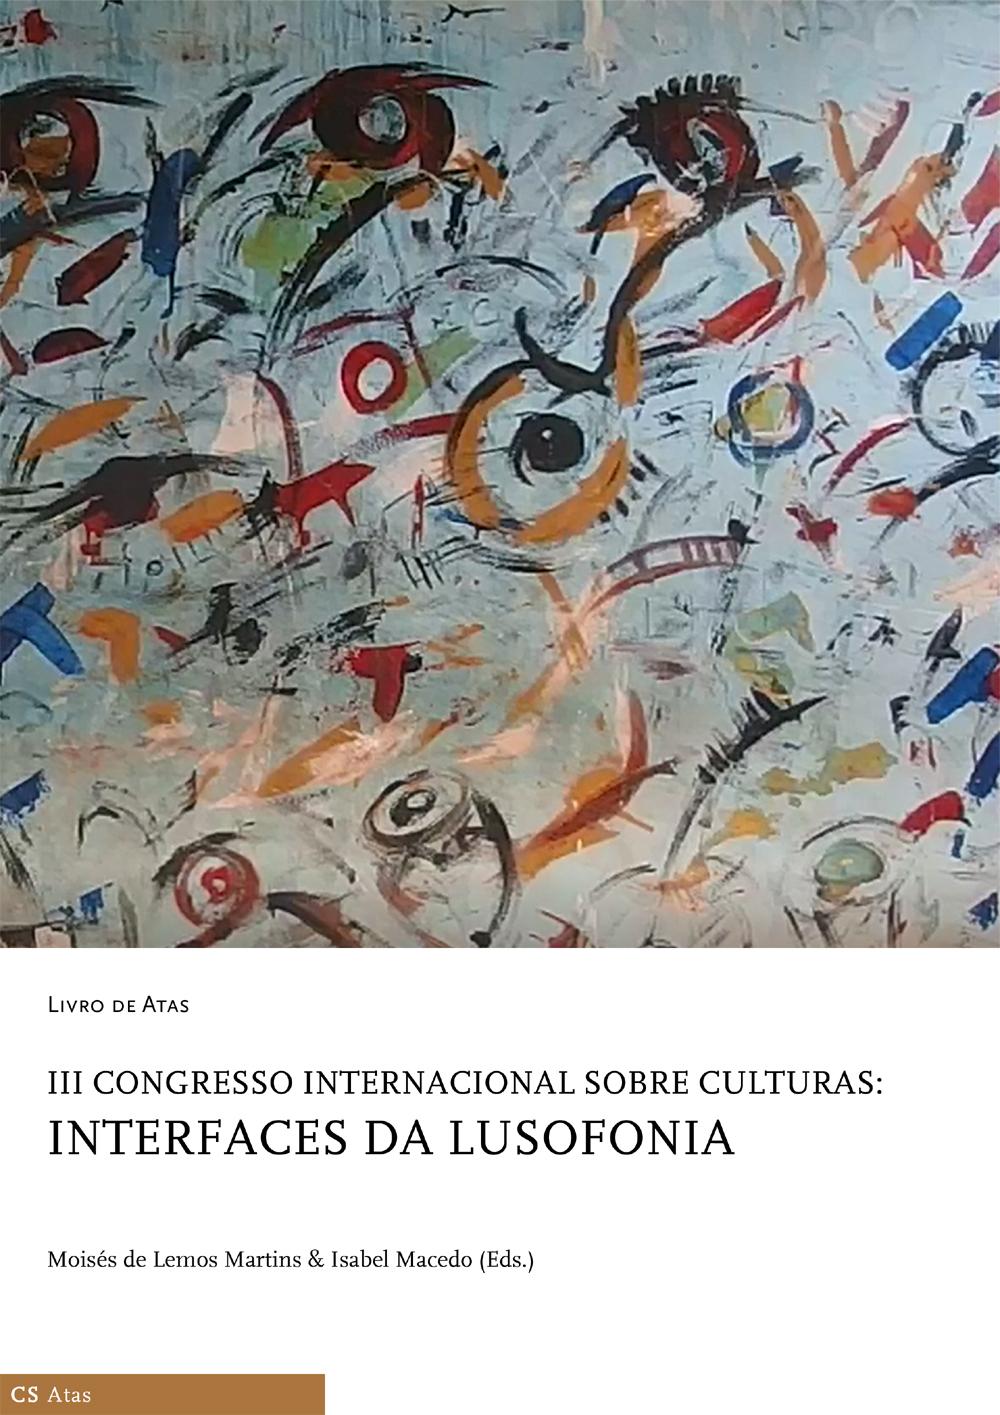 Available online: Livro de atas do III Congresso Internacional sobre Culturas: Interfaces da Lusofonia